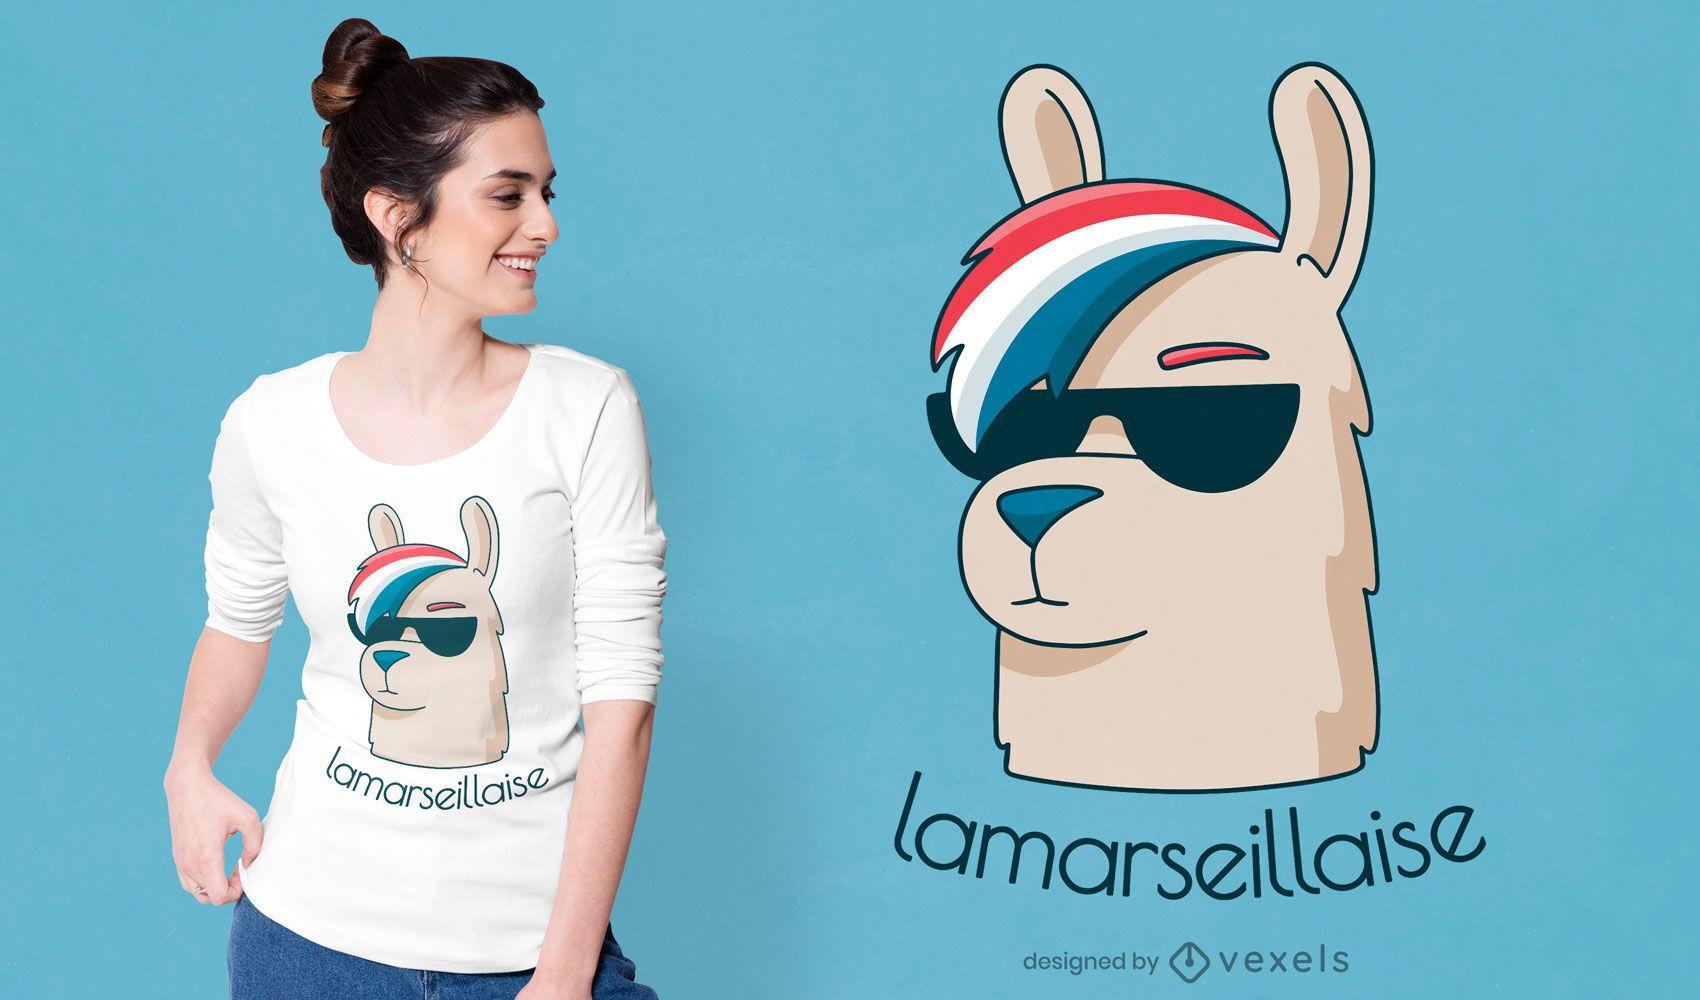 Divertido diseño de camiseta de la marseillaise.